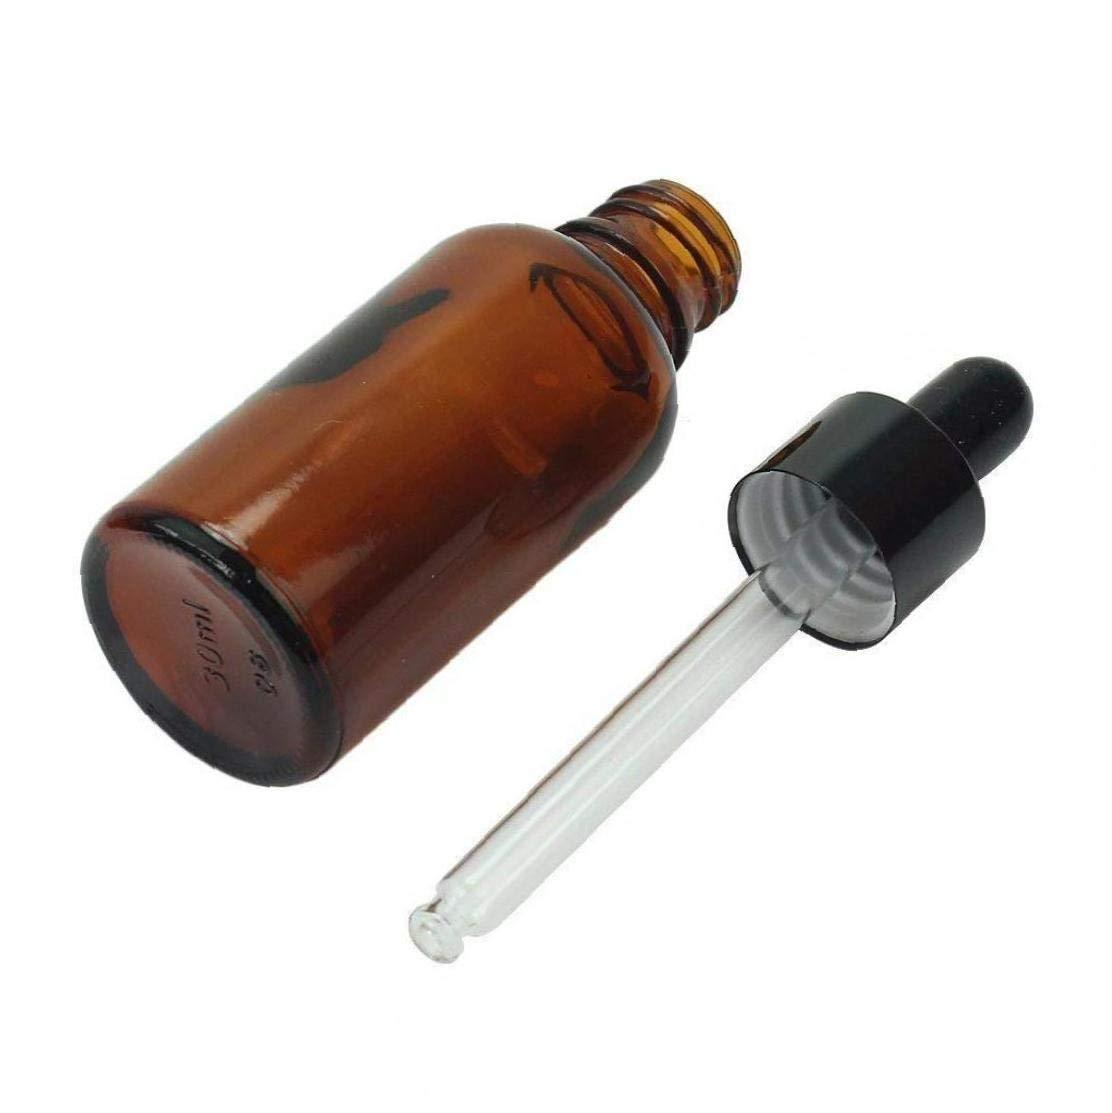 Esenciales Botellas De Aceite De 6pcs 30ml Botella Vac/ía De Vidrio /Ámbar Envase Cosm/ético Con Gotero De Cristal